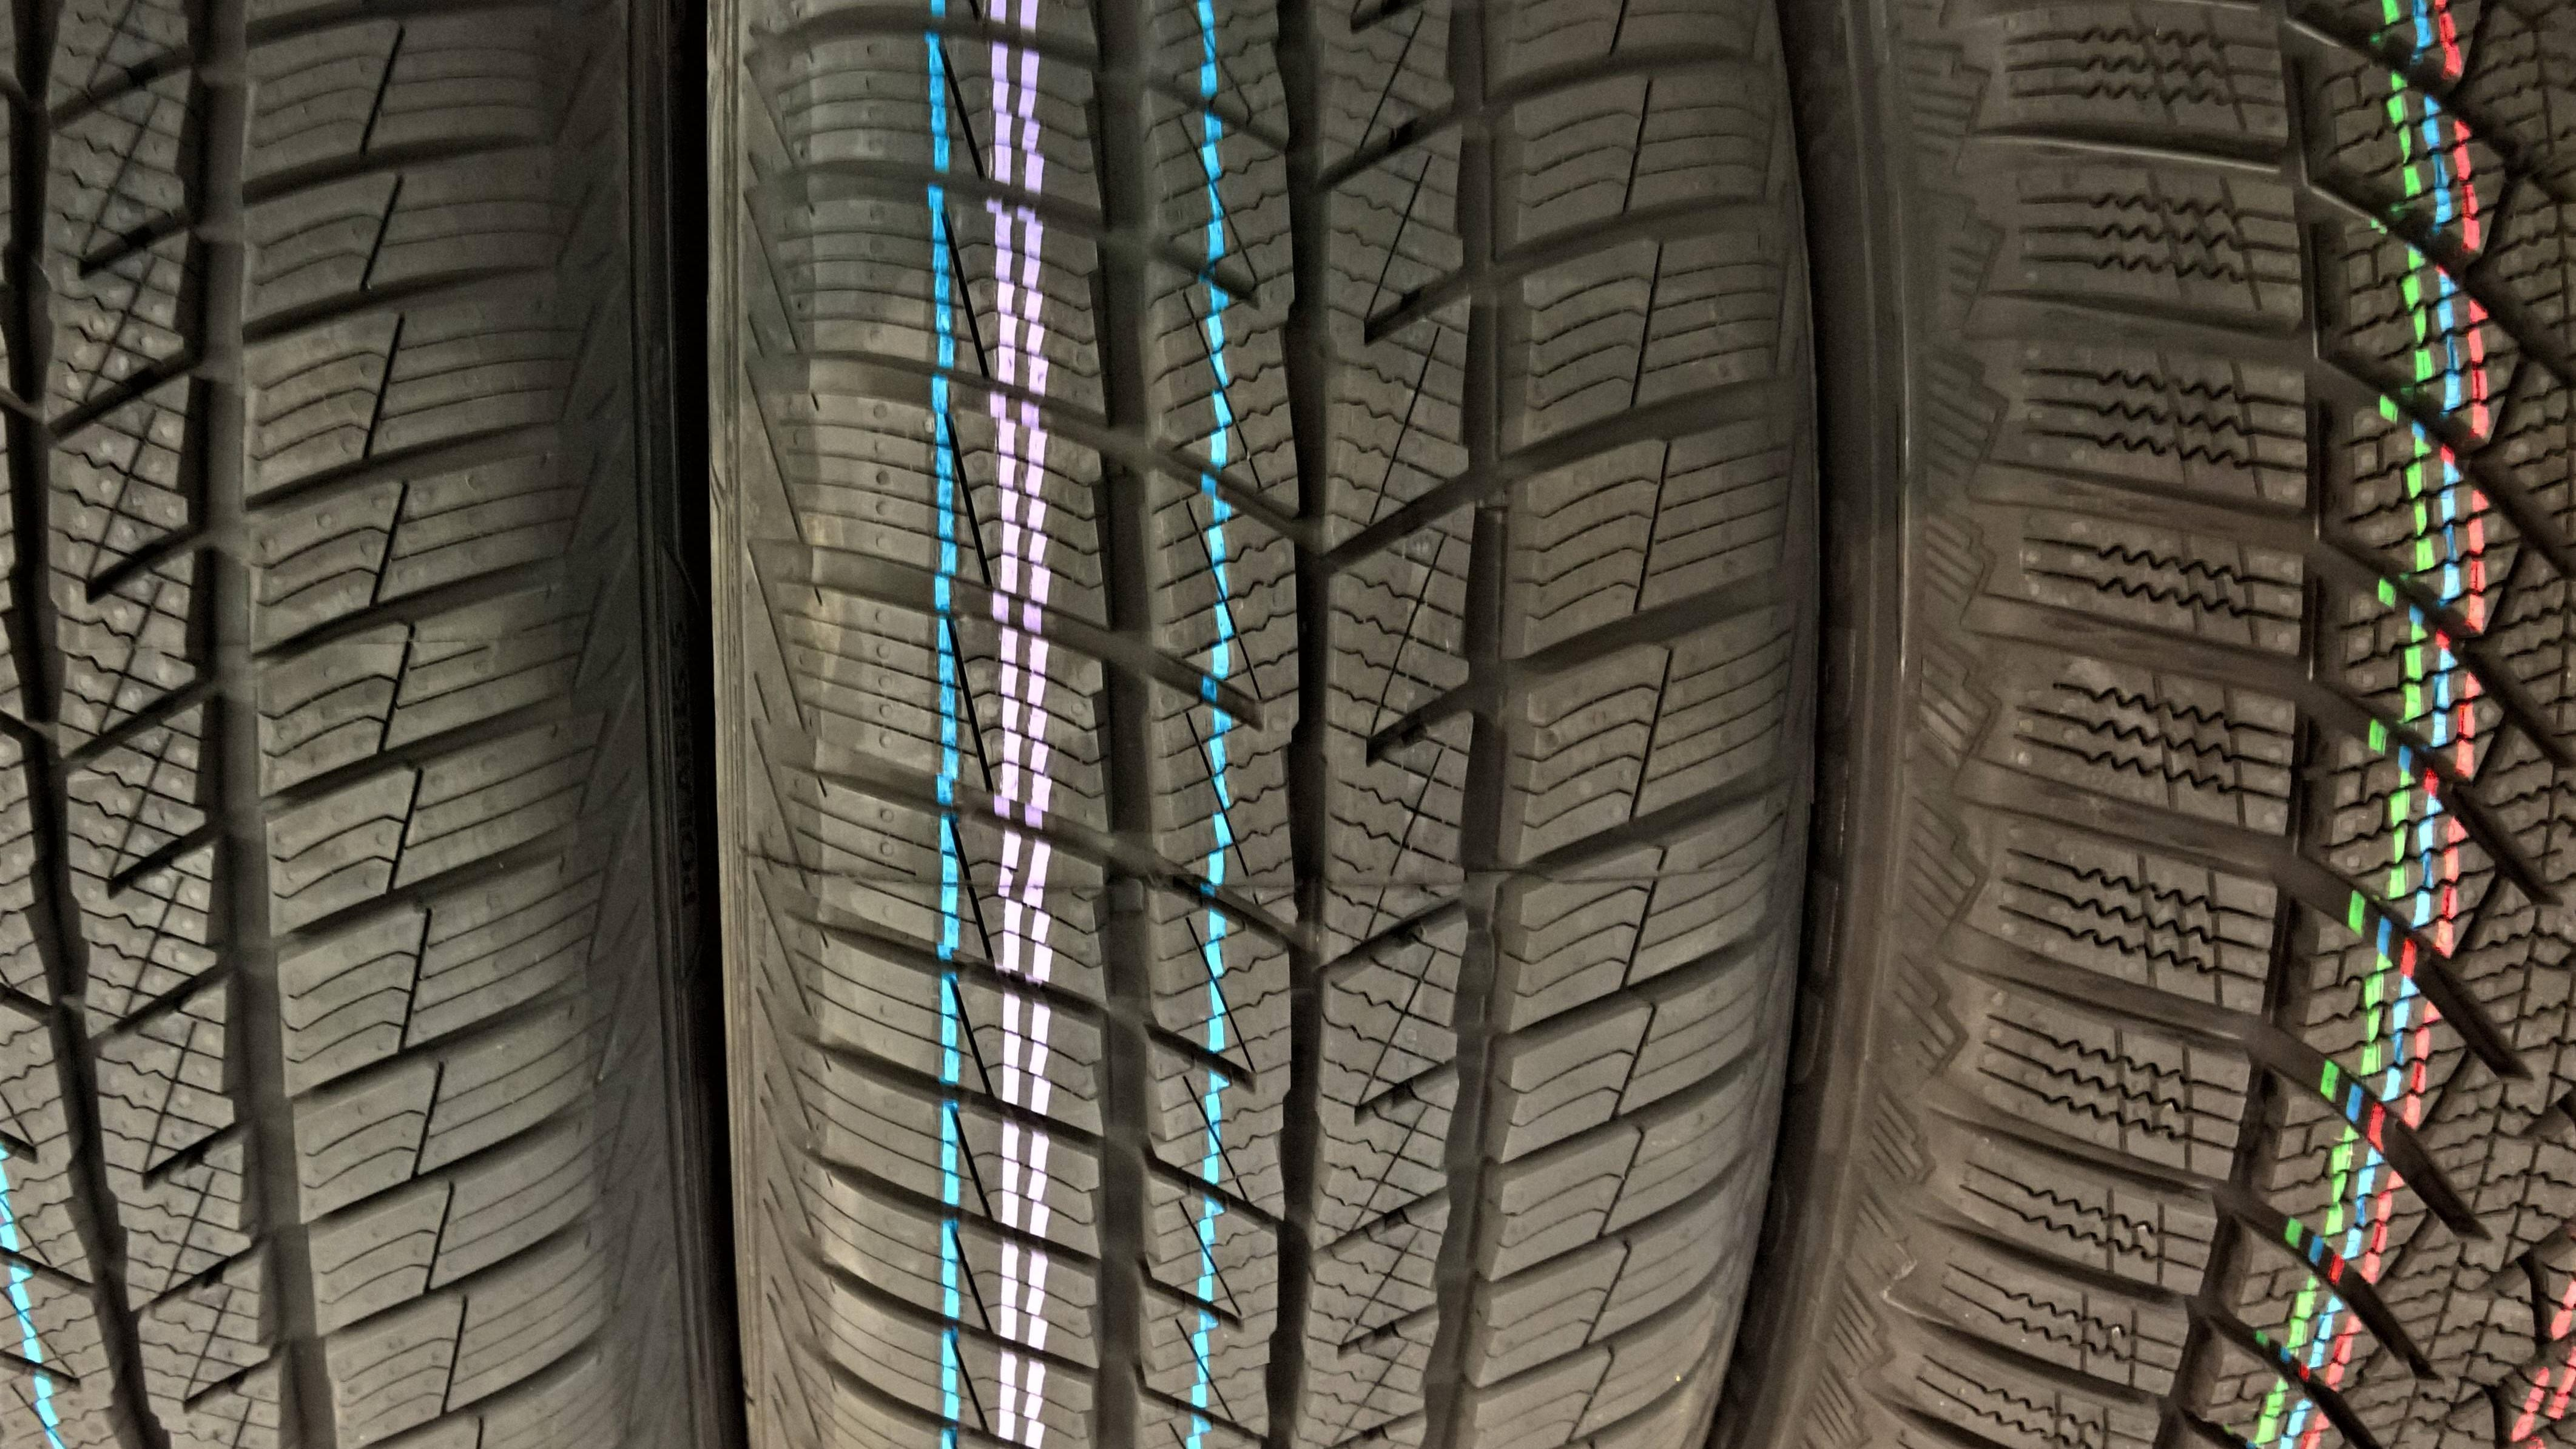 Reifenhersteller bieten zum Teil Eco-Reifen oder Energiesparmodelle an, die weniger Rollwiderstand haben und so spritsparend sind.